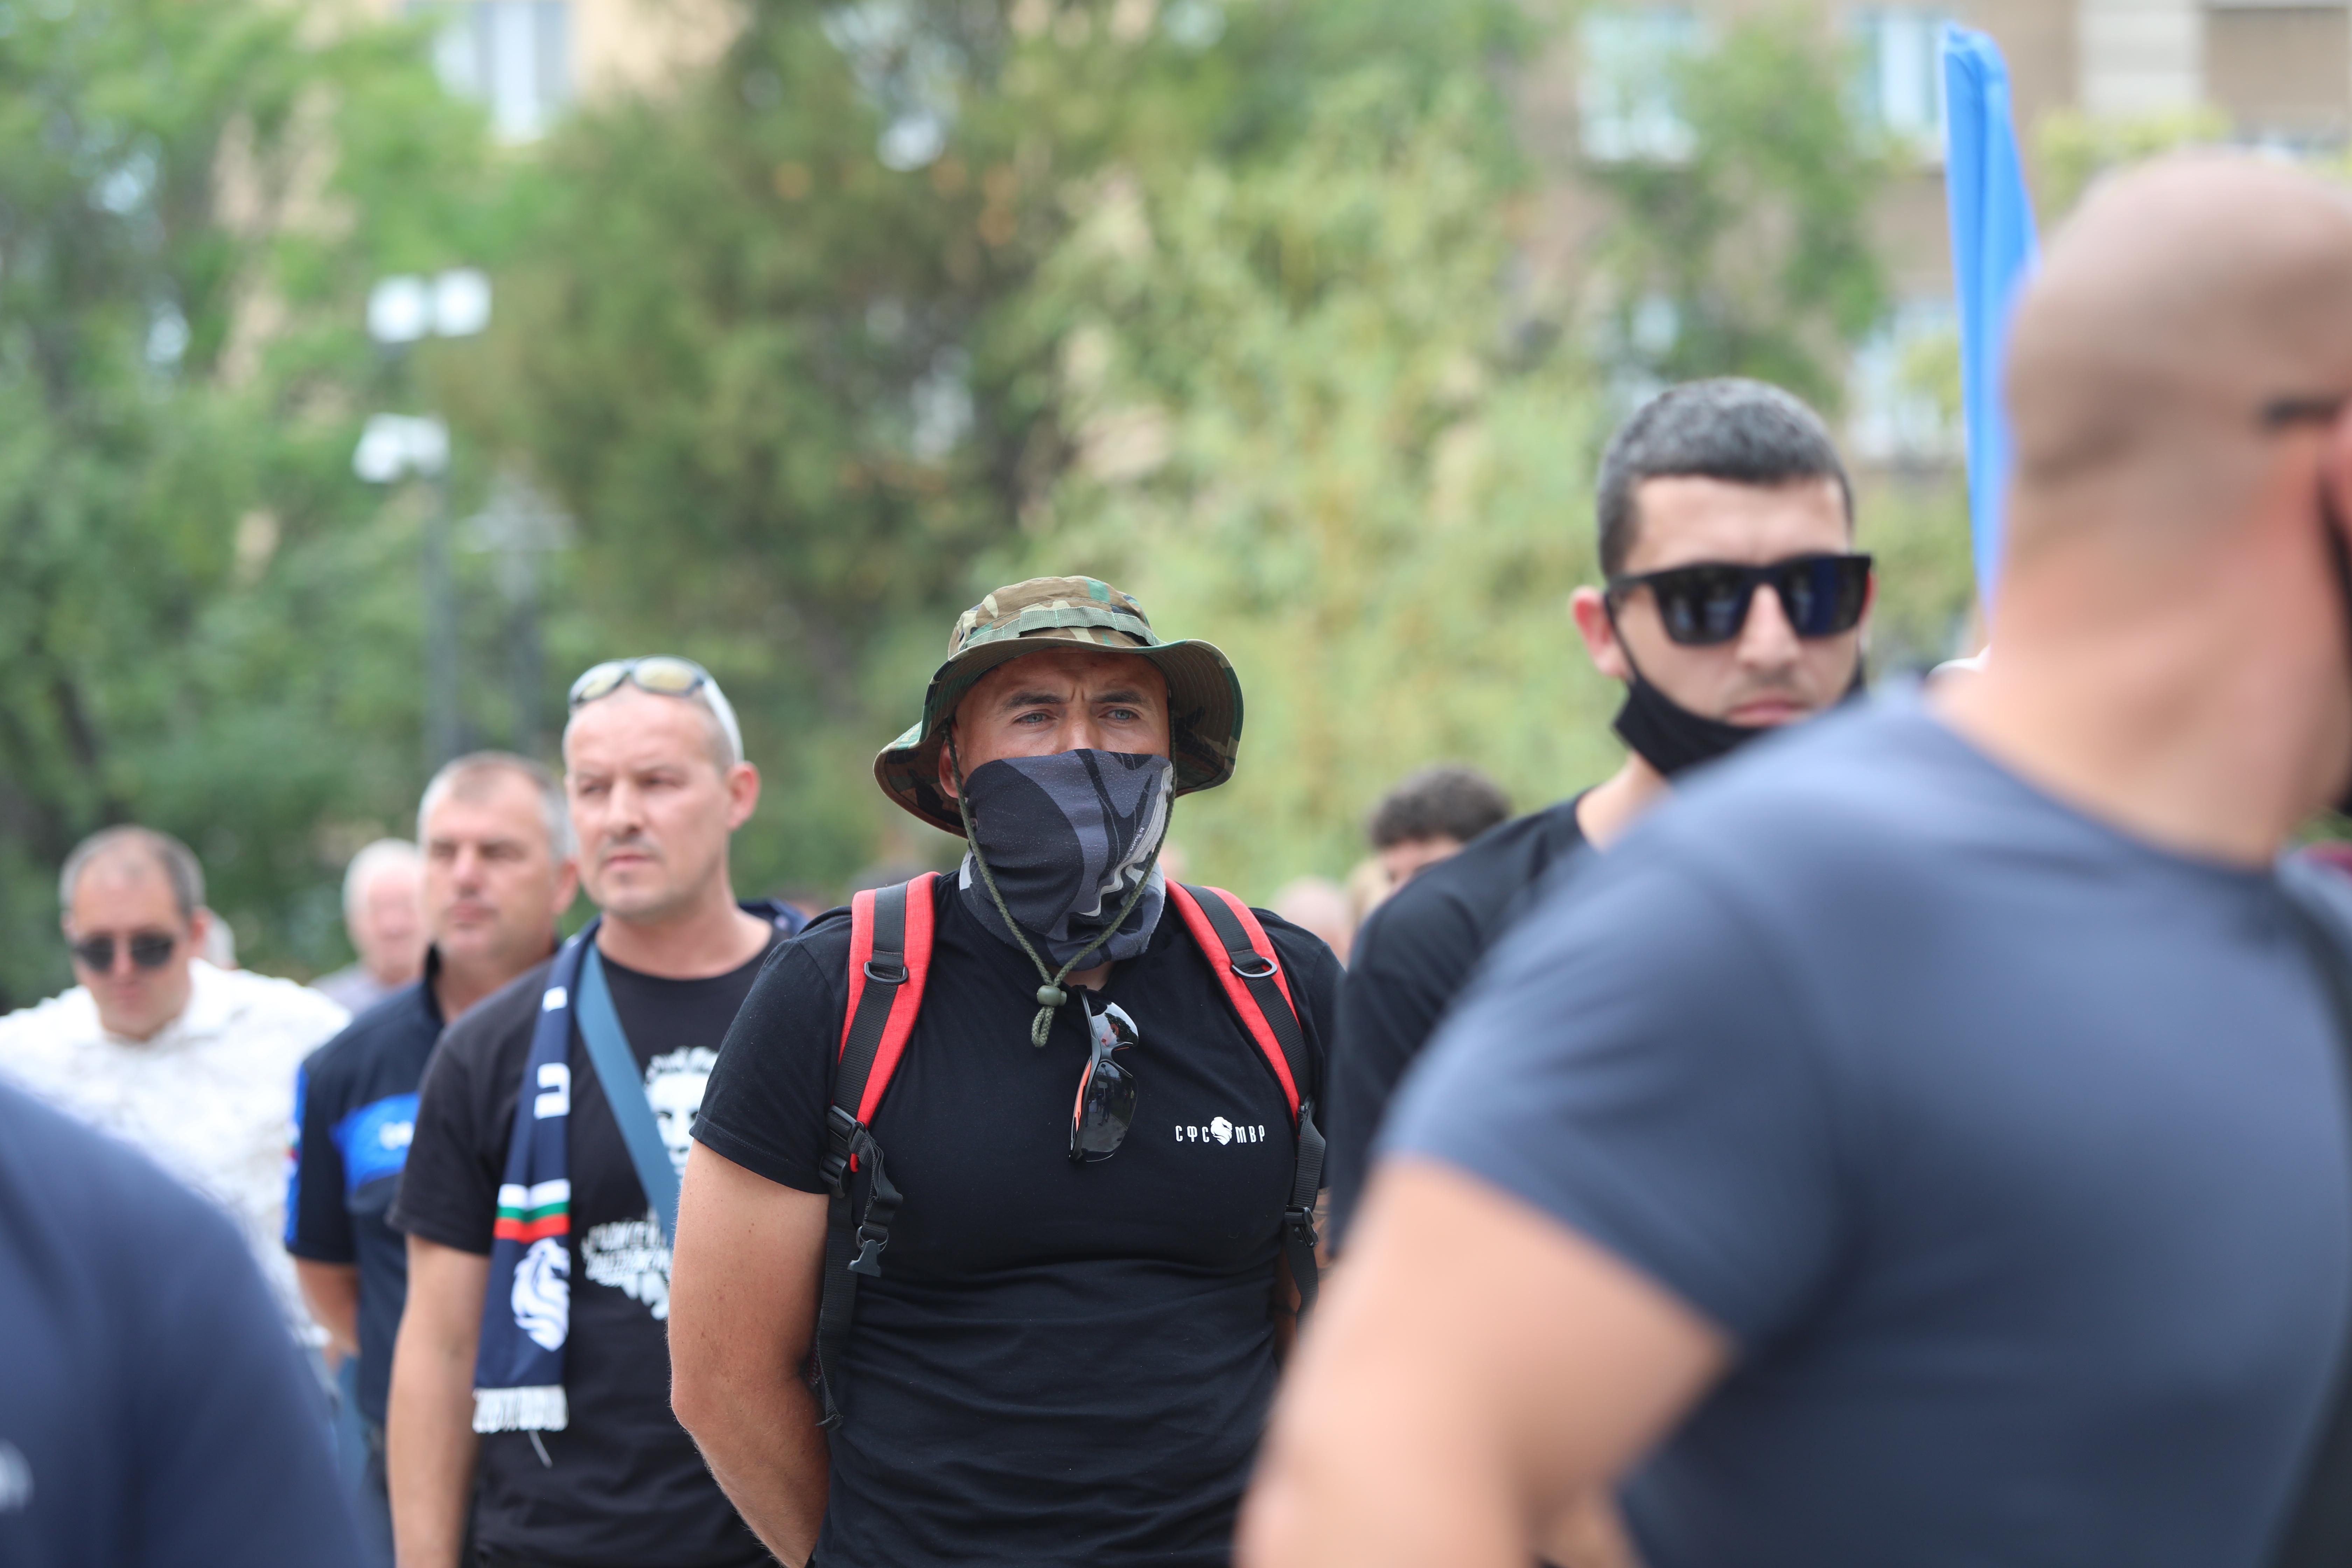 Ако не се стигне до решения, протестите ще продължат, заканиха се протестиращите